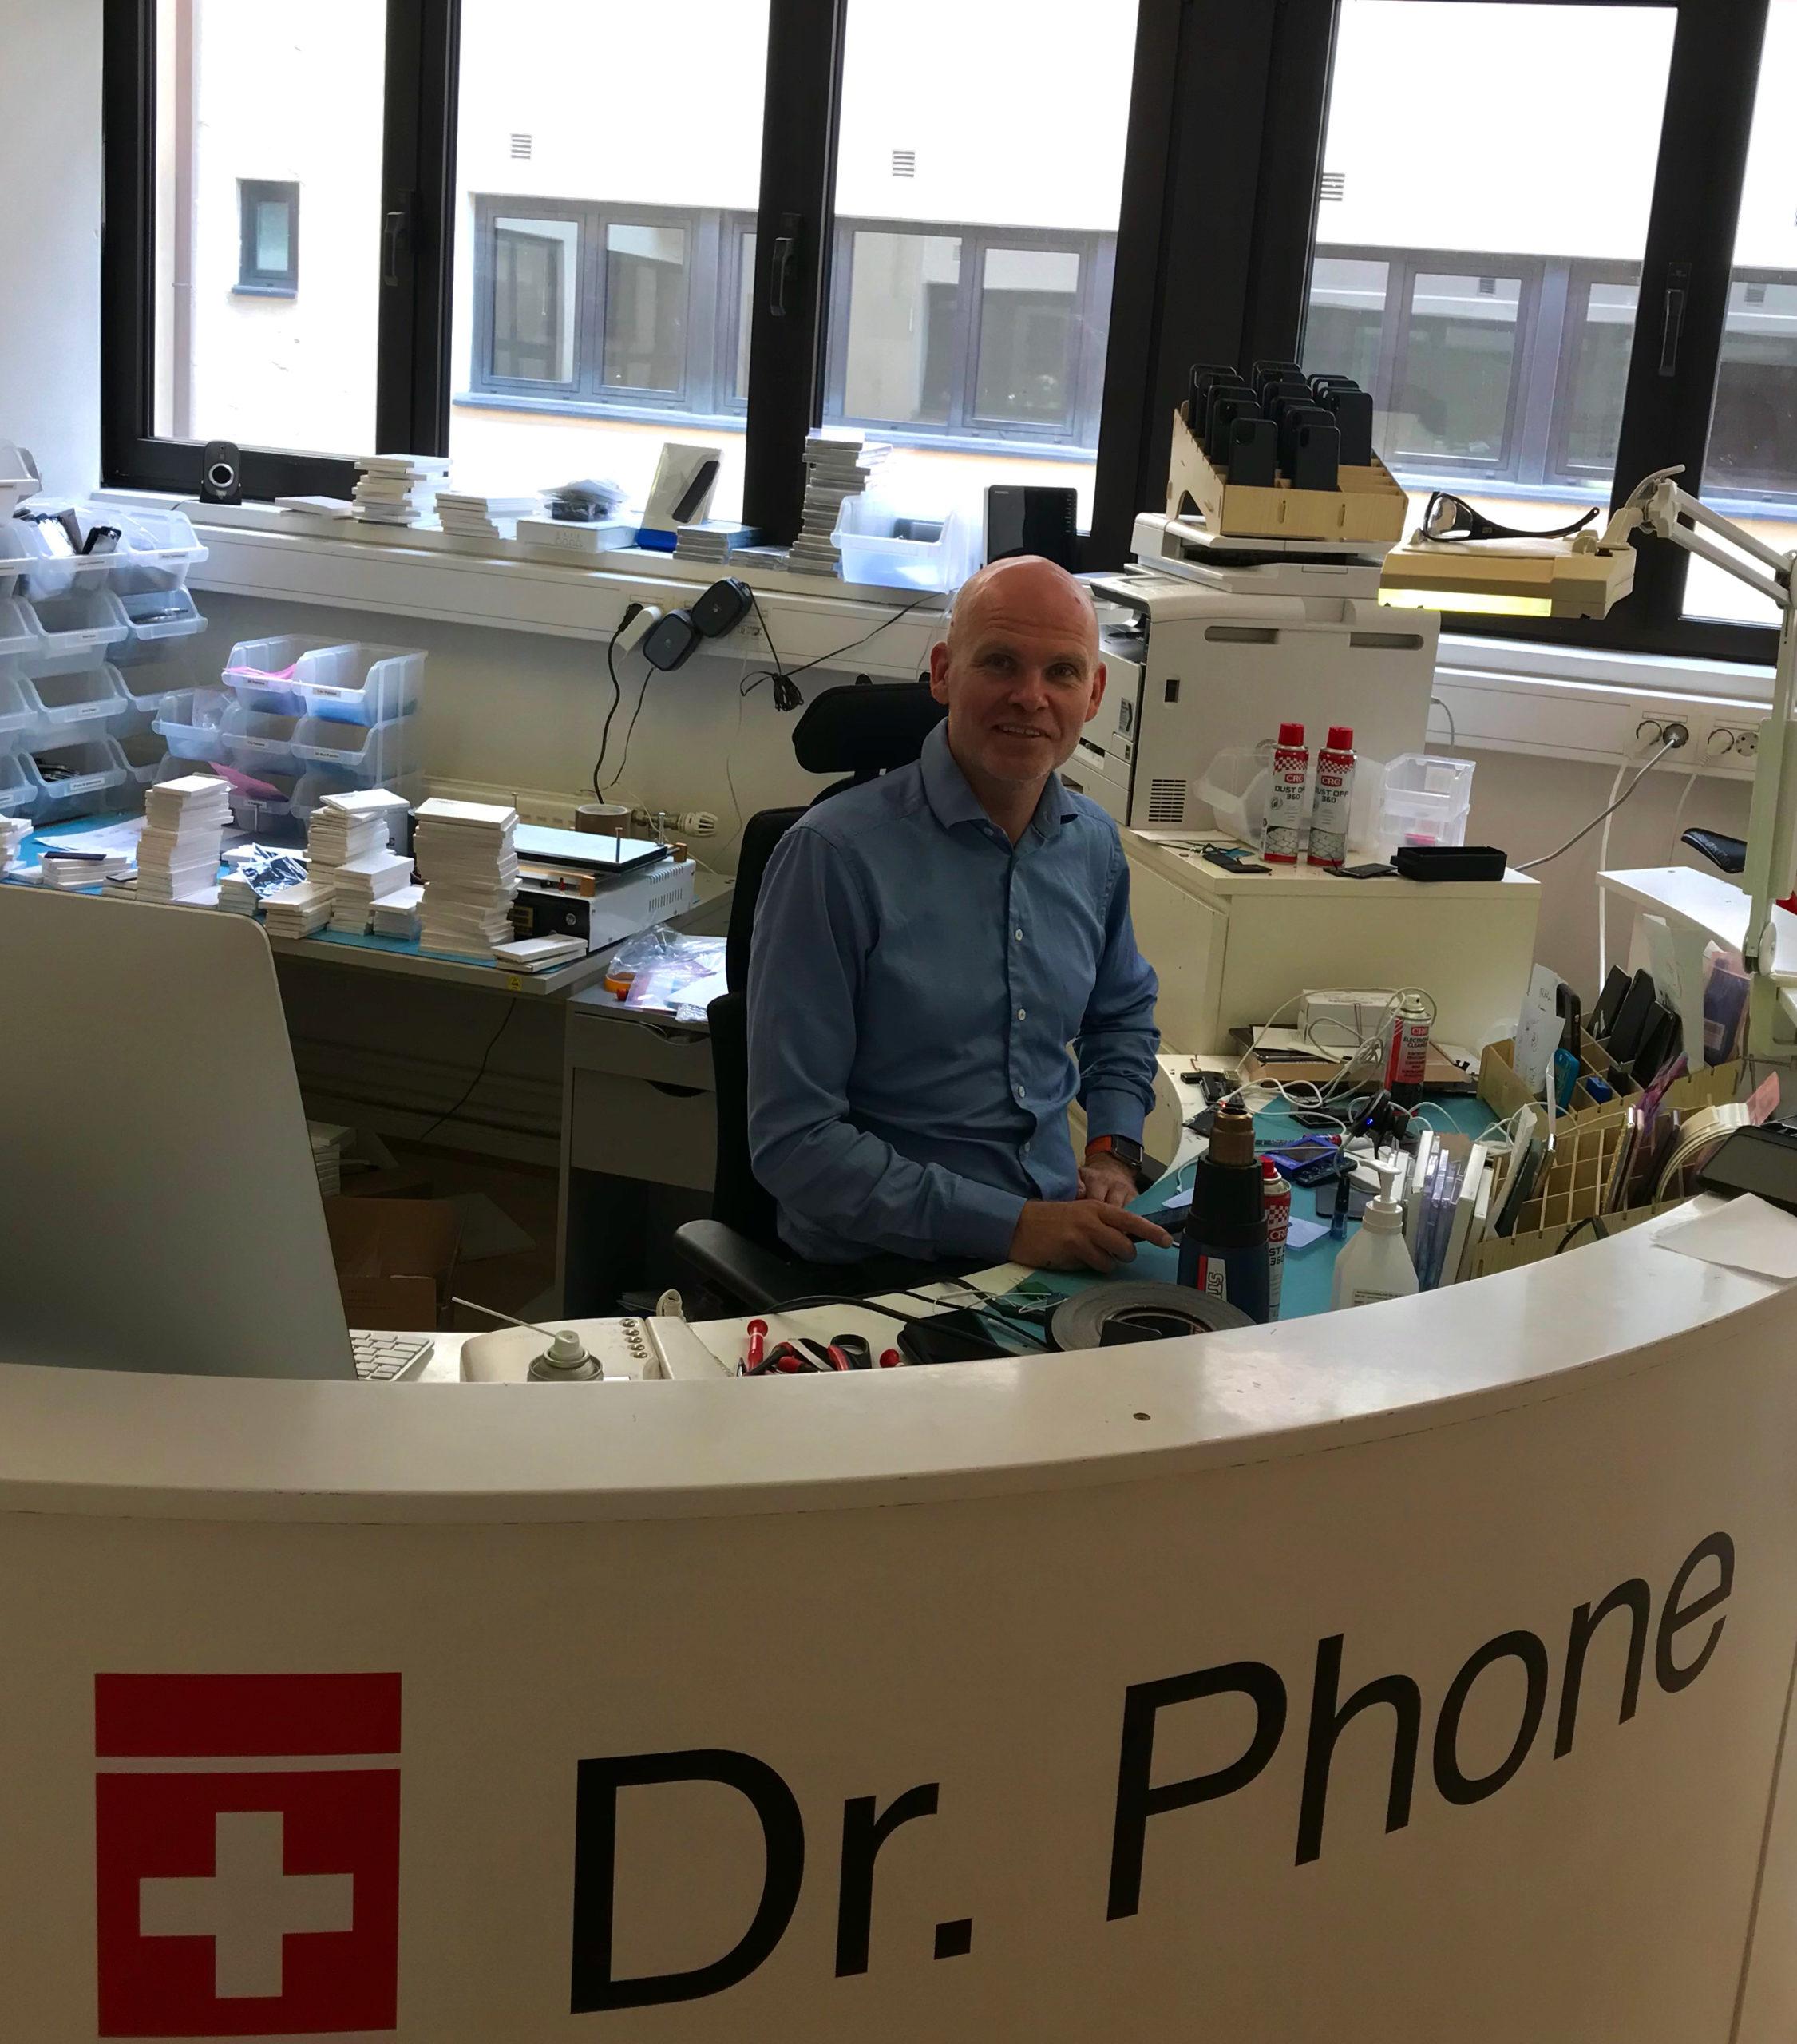 """Eirik, eller """"Dr. Phone"""", er både profesjonell reparatør og fikser i Restarters Norway."""